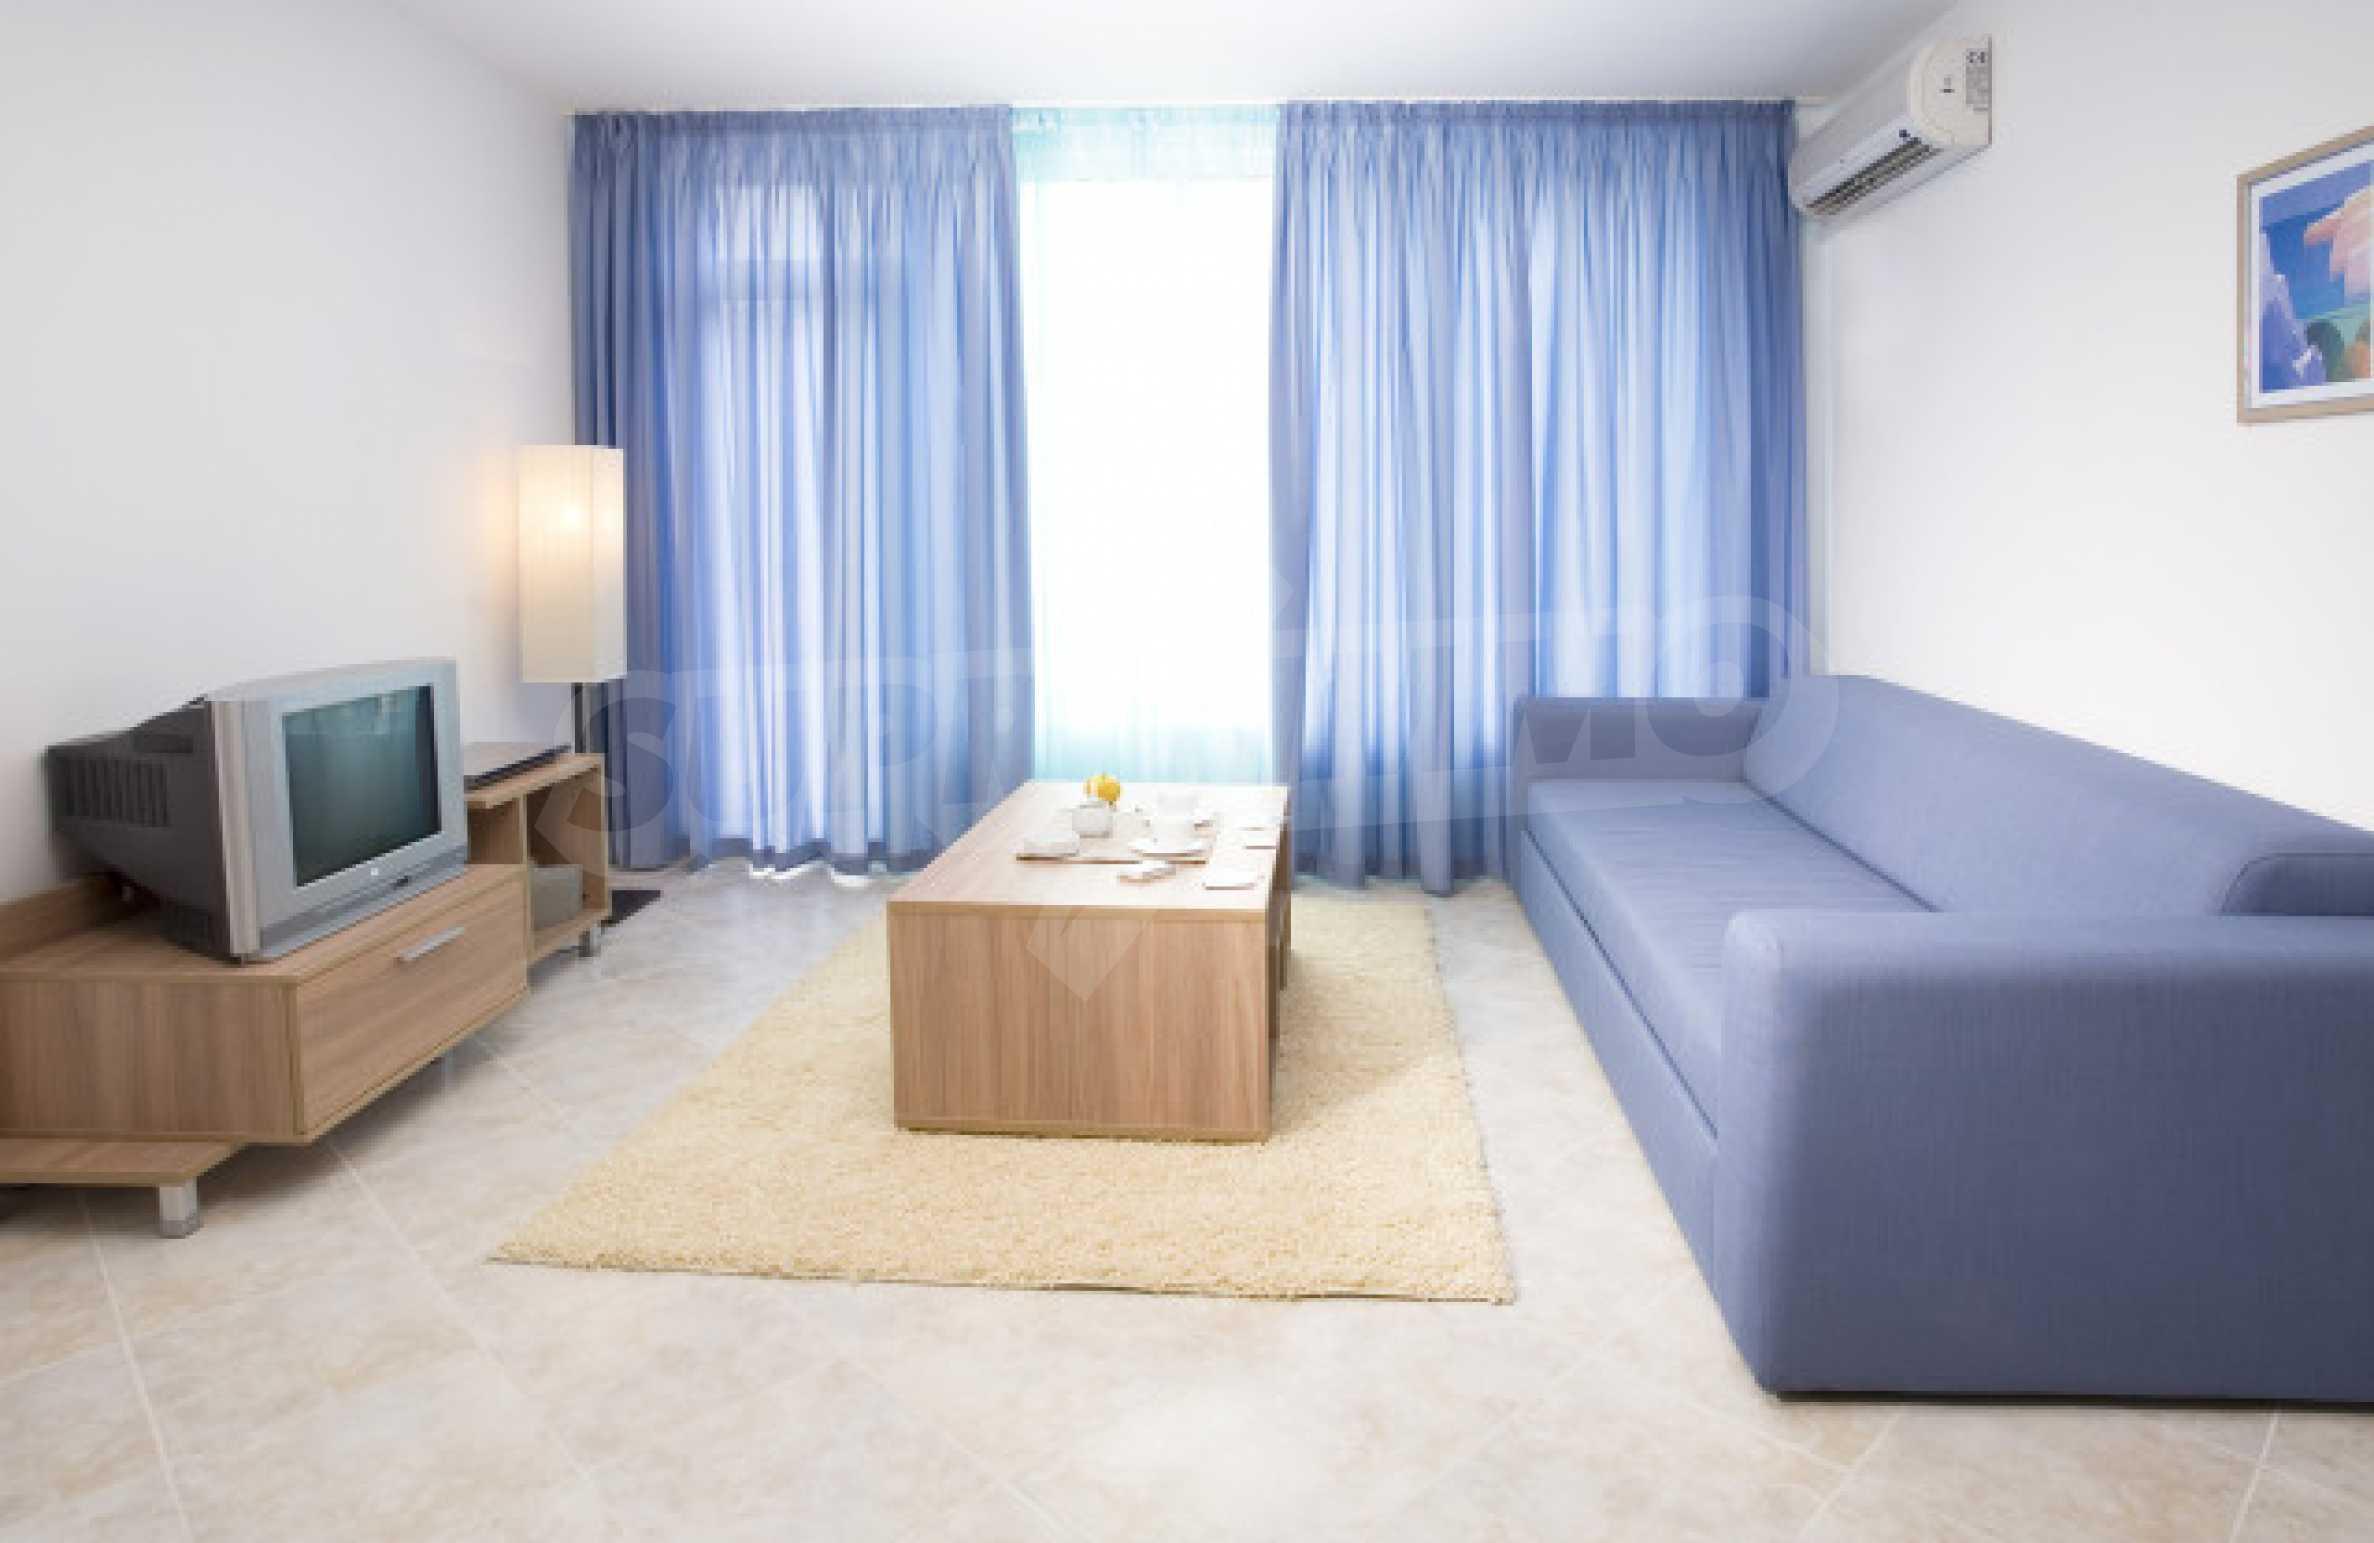 Sunset Kosharitsa - aпартаменти в атрактивен комплекс сред планината и морето, на 5 минути с кола от Слънчев бряг 55